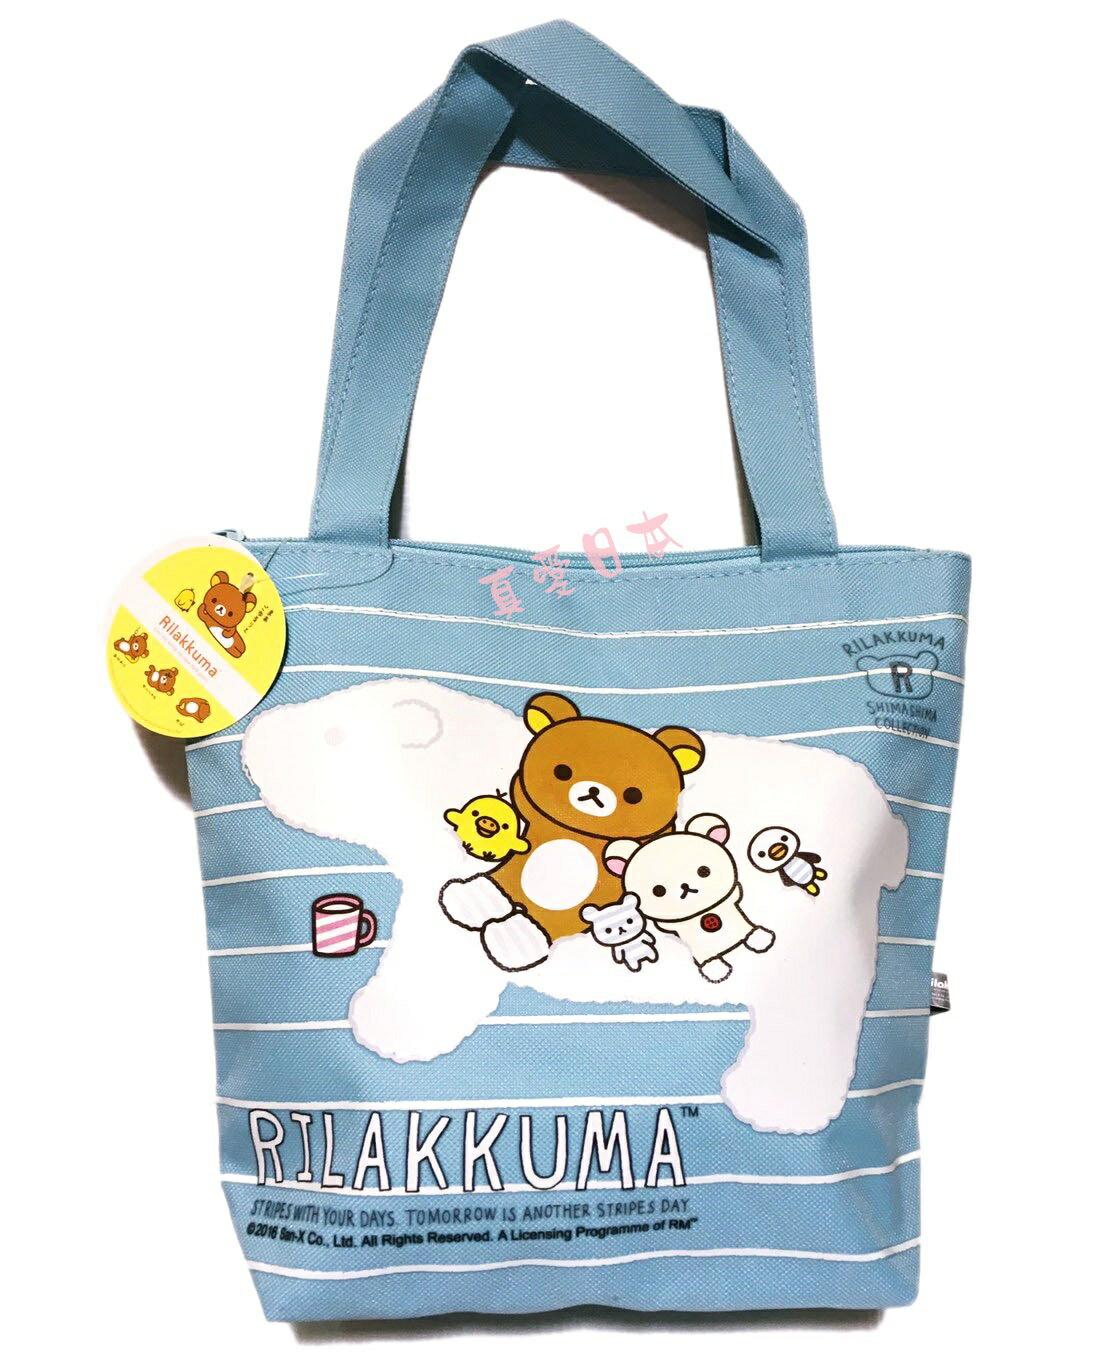 【真愛日本】16072200018拉鍊便當手提袋-北極熊   AN-X 懶熊  奶熊 拉拉熊   手提袋  收納袋